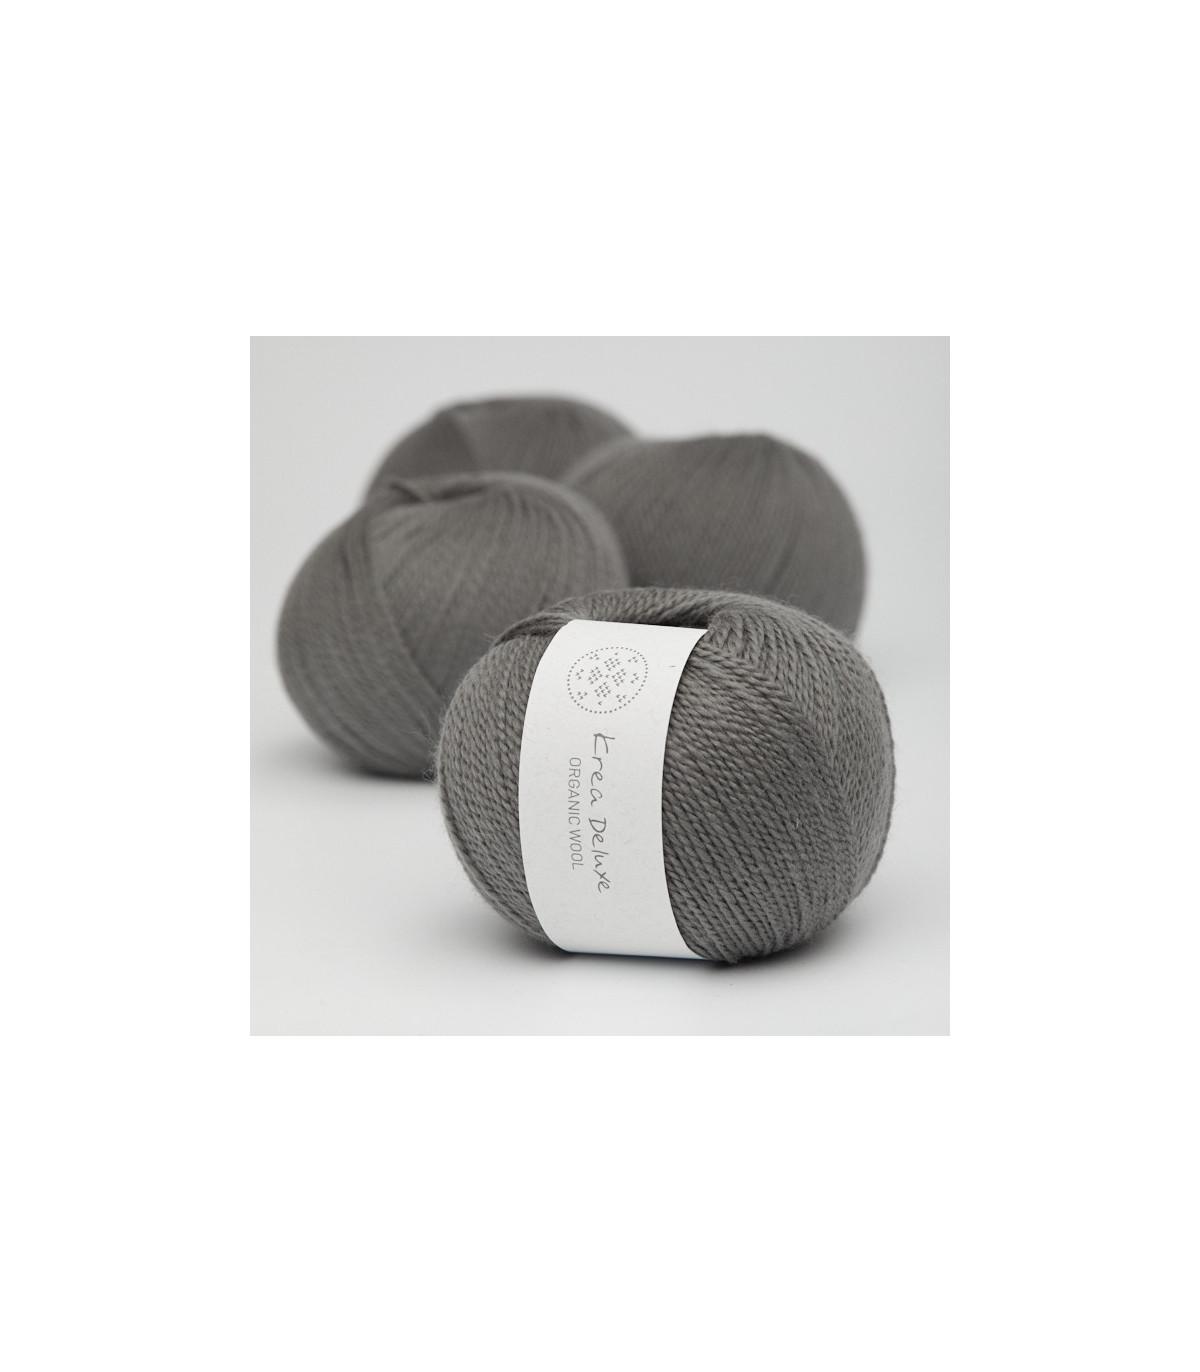 Wool 1 (Neu) - Krea Deluxe in der Farbe W 50 Dunkelgrau